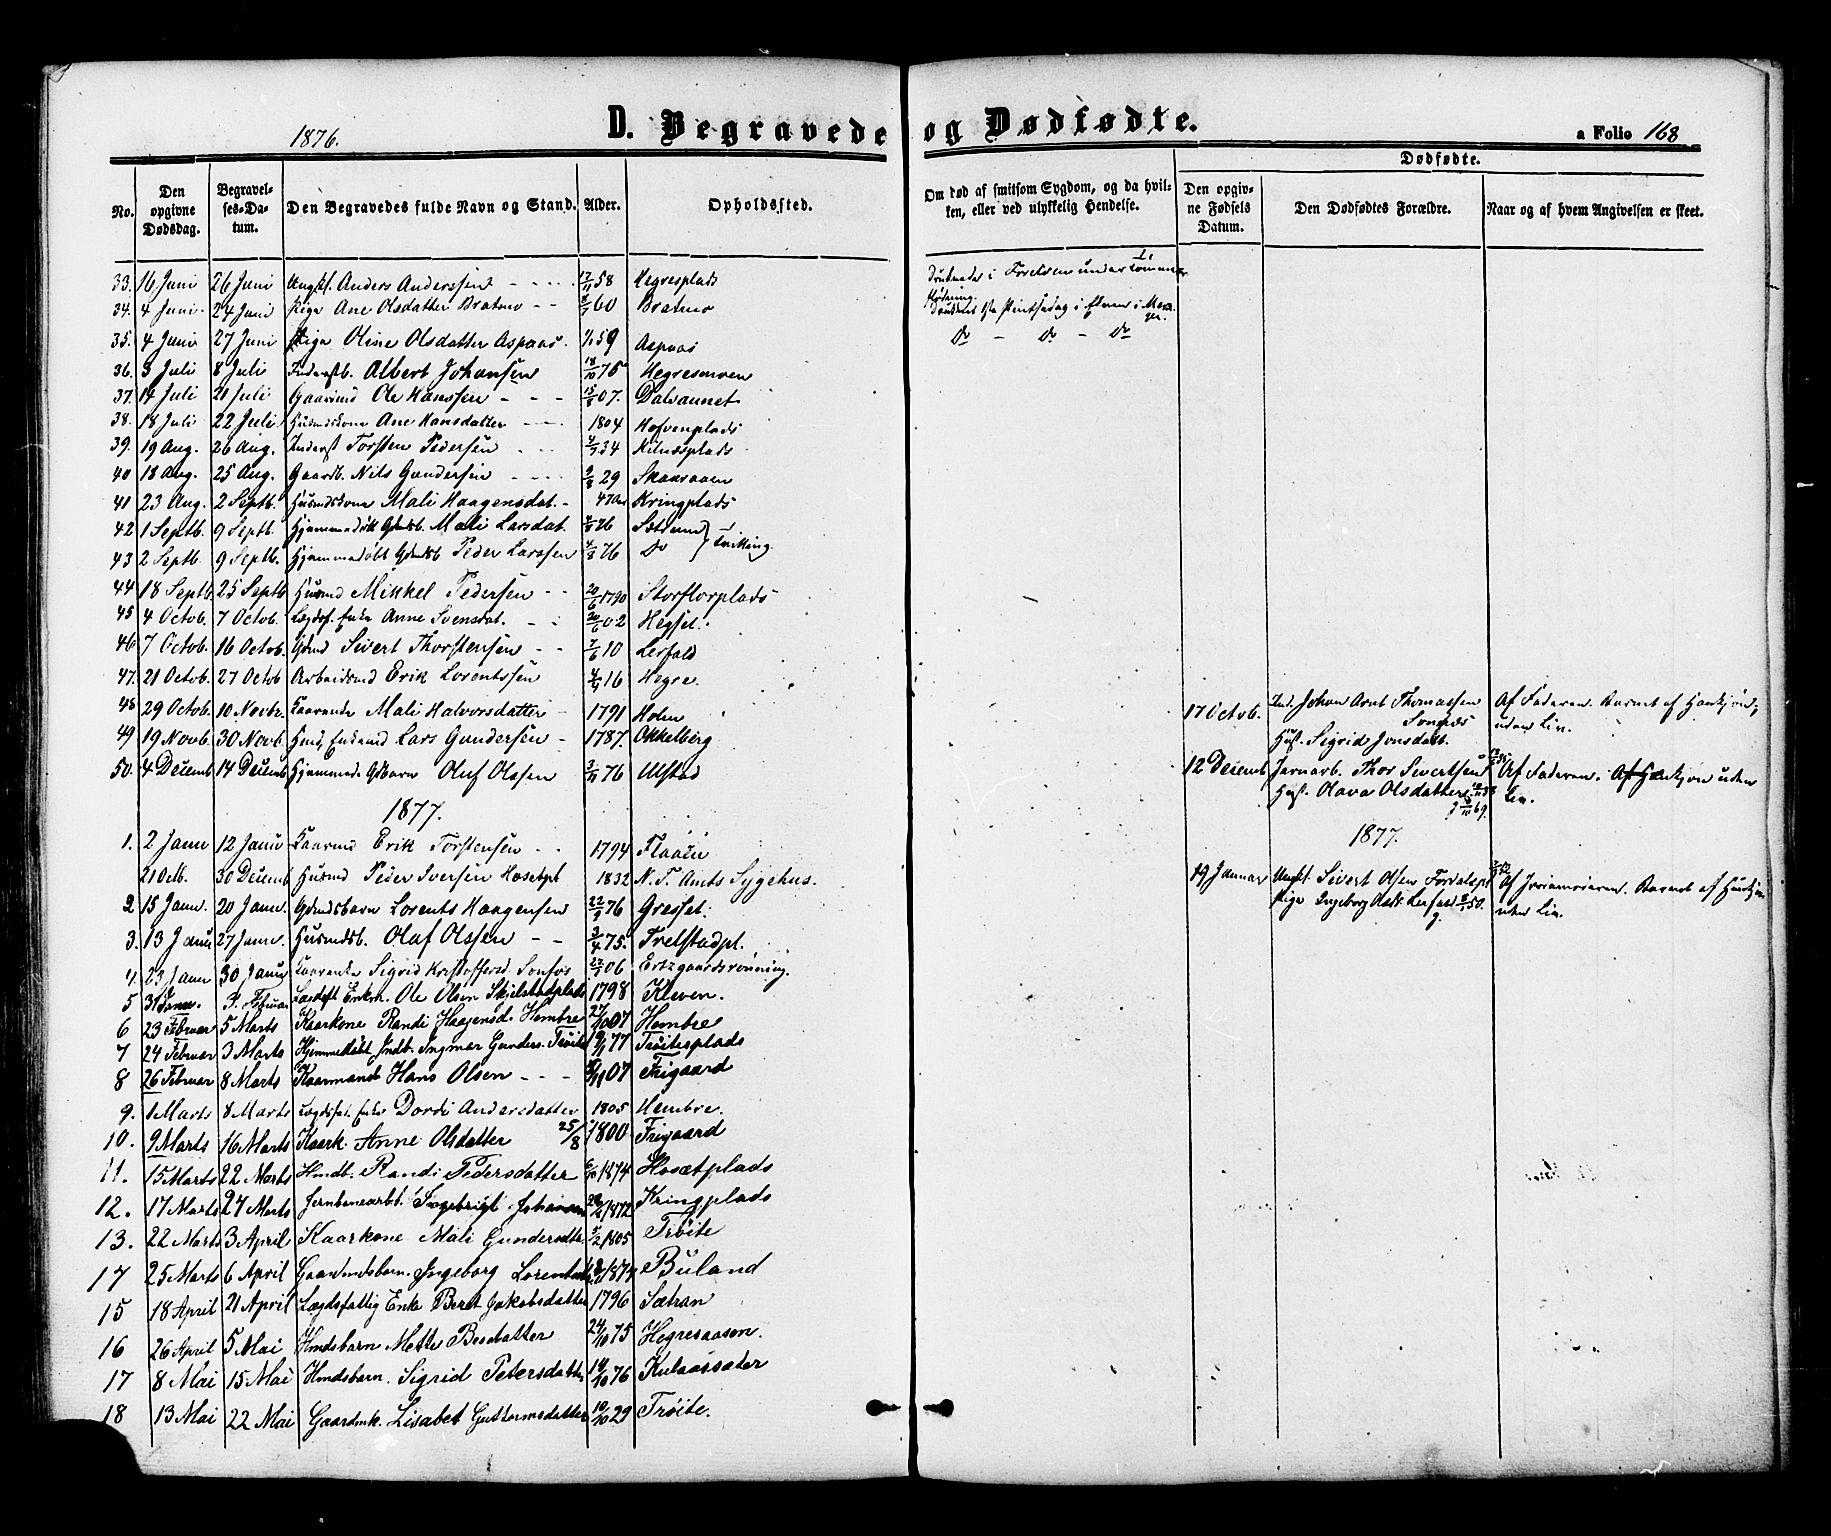 SAT, Ministerialprotokoller, klokkerbøker og fødselsregistre - Nord-Trøndelag, 703/L0029: Ministerialbok nr. 703A02, 1863-1879, s. 168